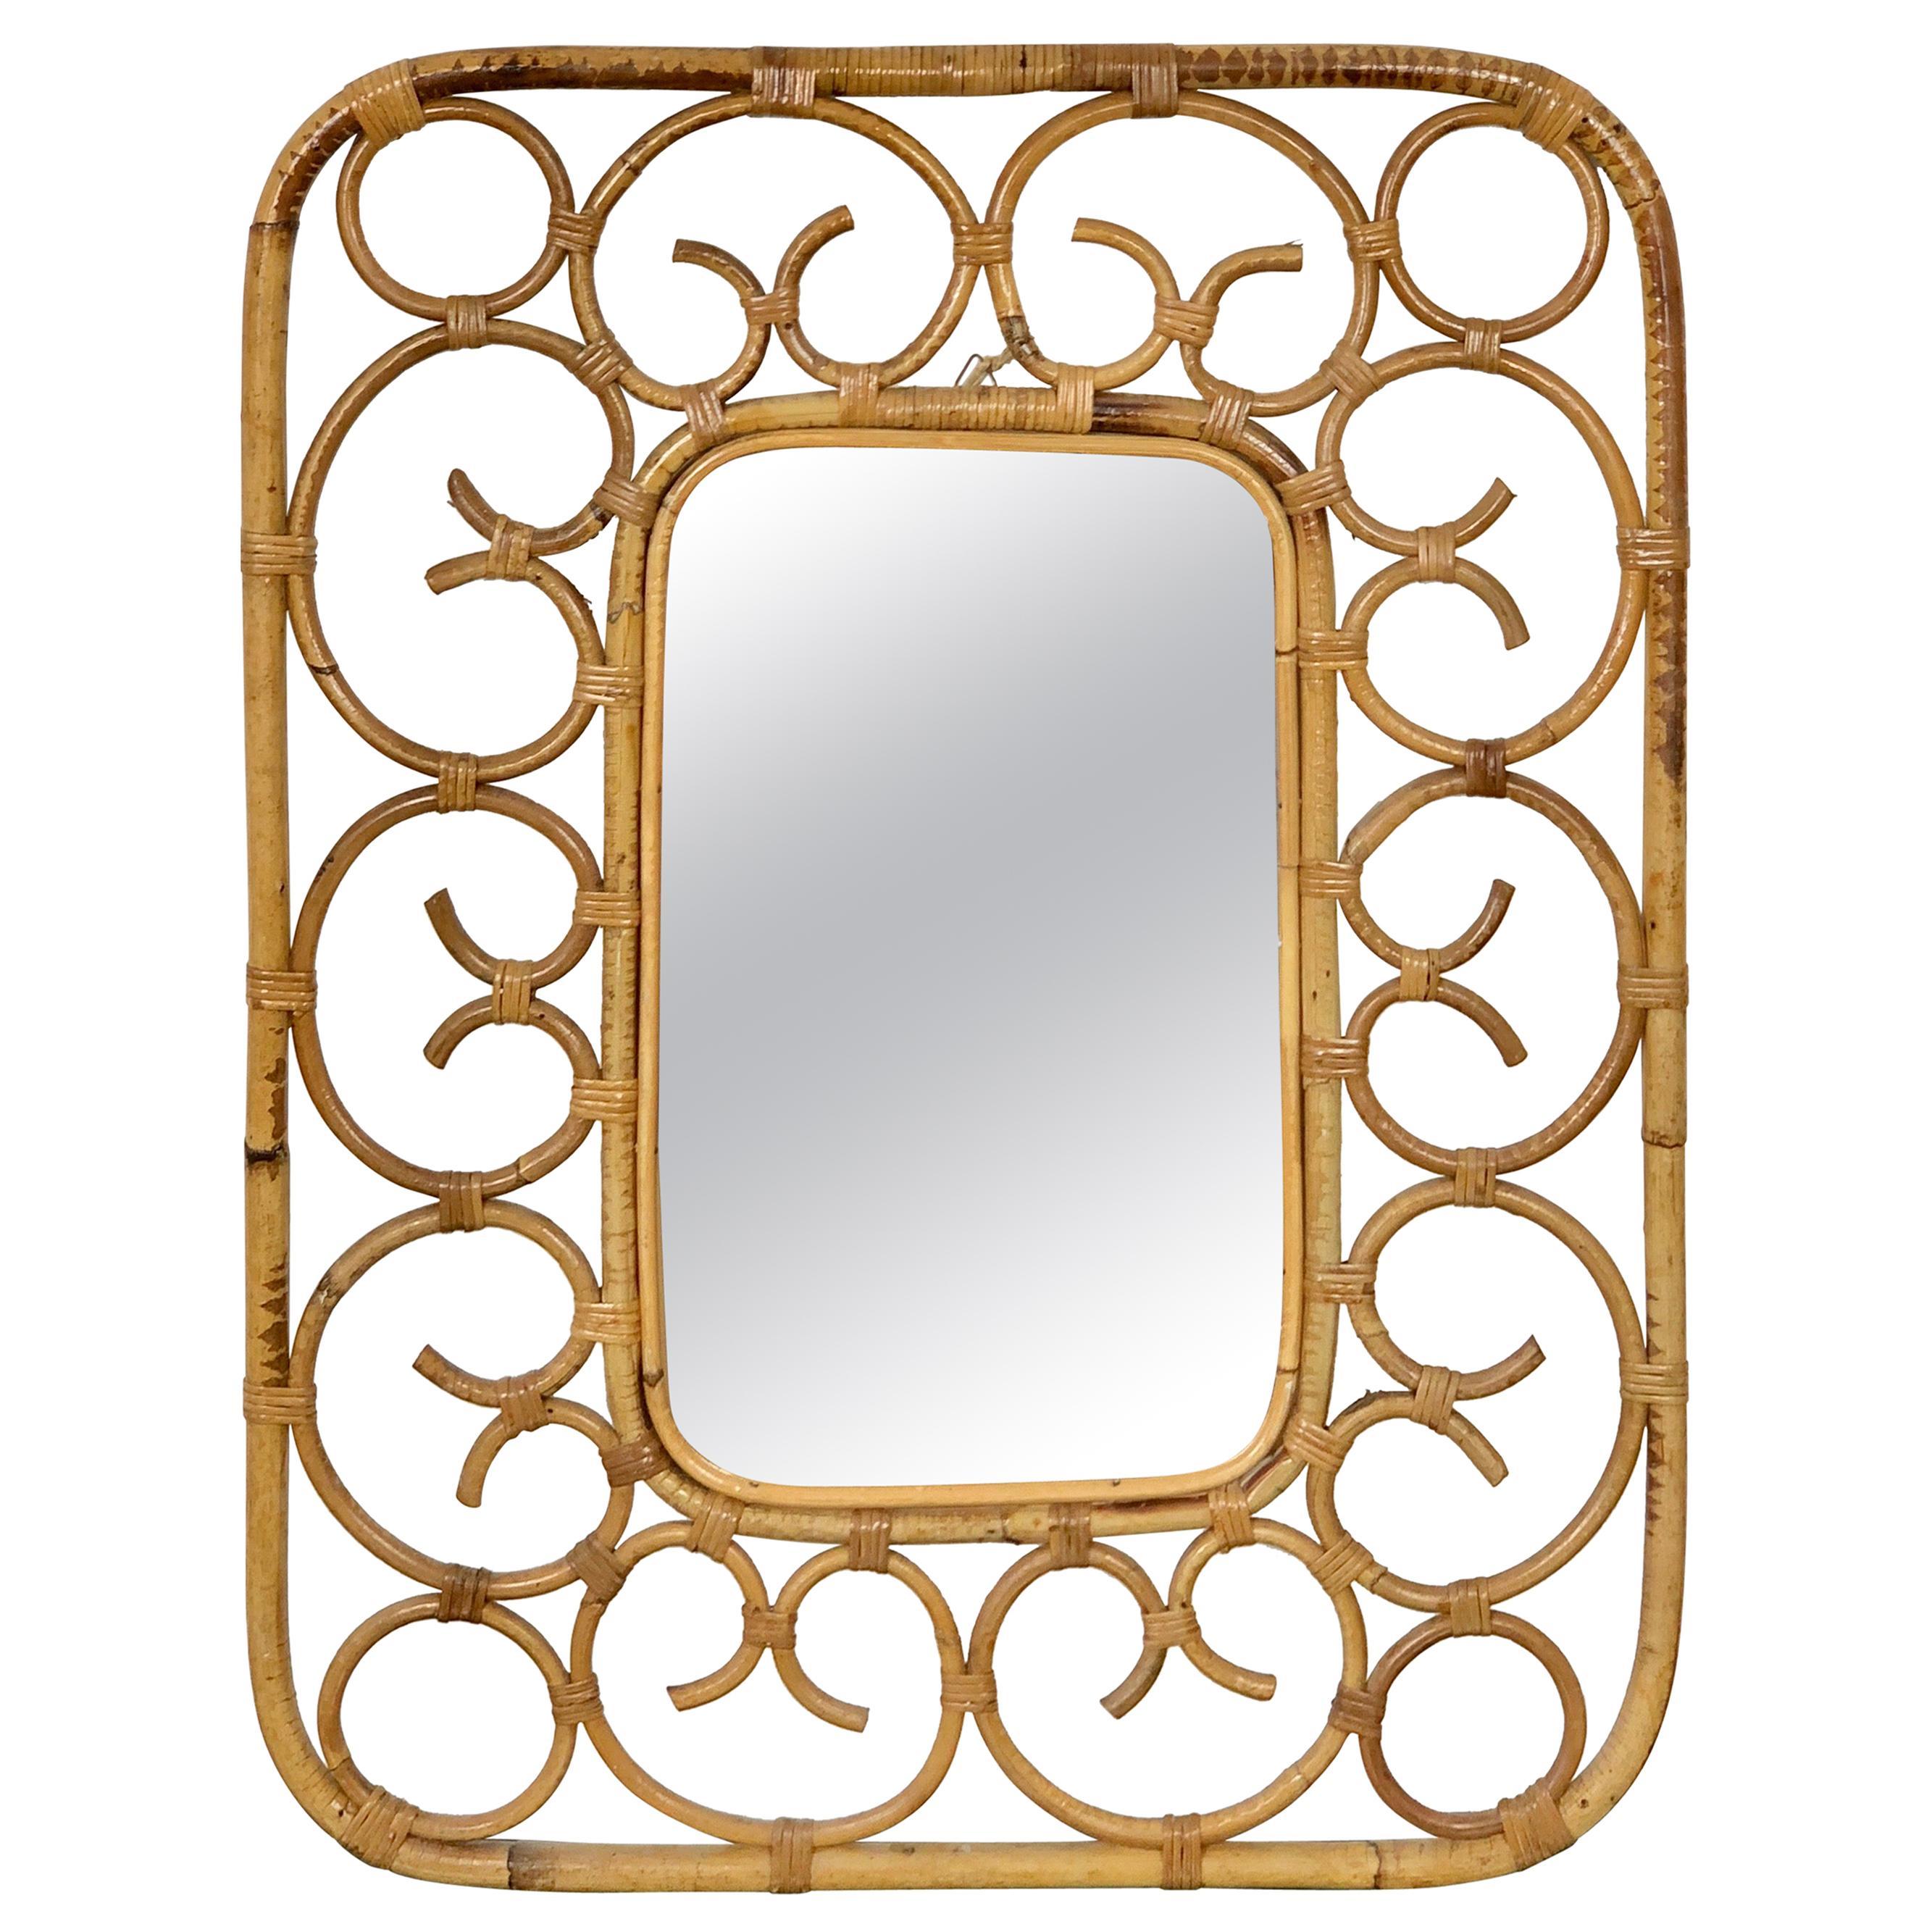 Rattan Wall Mirror in Franco Albini Style, Italy, 1960s